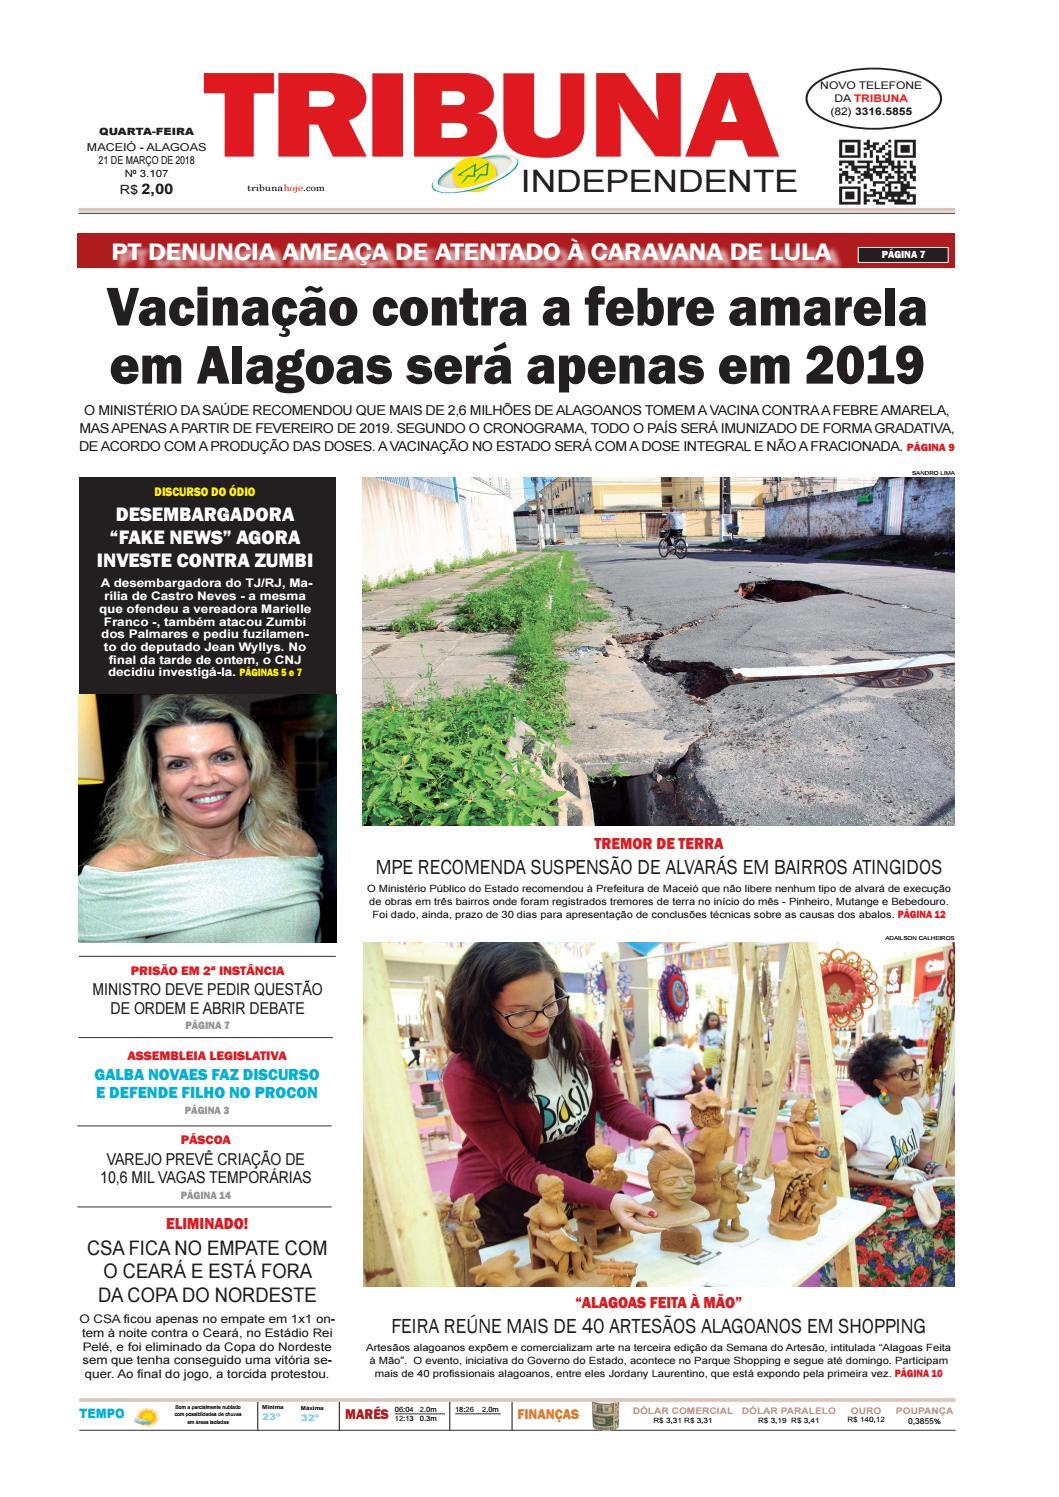 Edição número 3107 - 21 de março de 2018 by Tribuna Hoje - issuu a68832132be1e